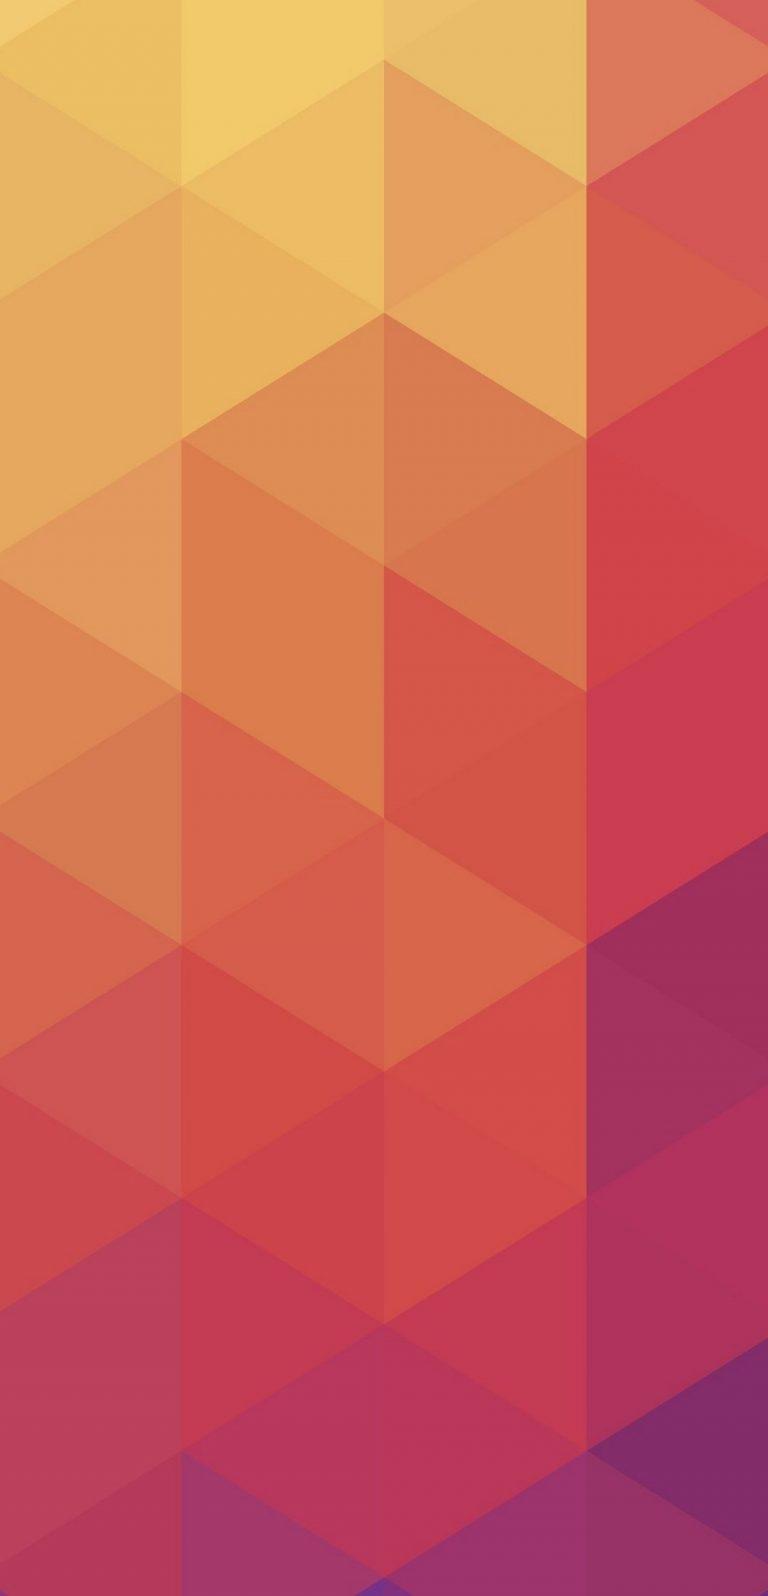 1080x2244 Wallpaper 017 768x1596